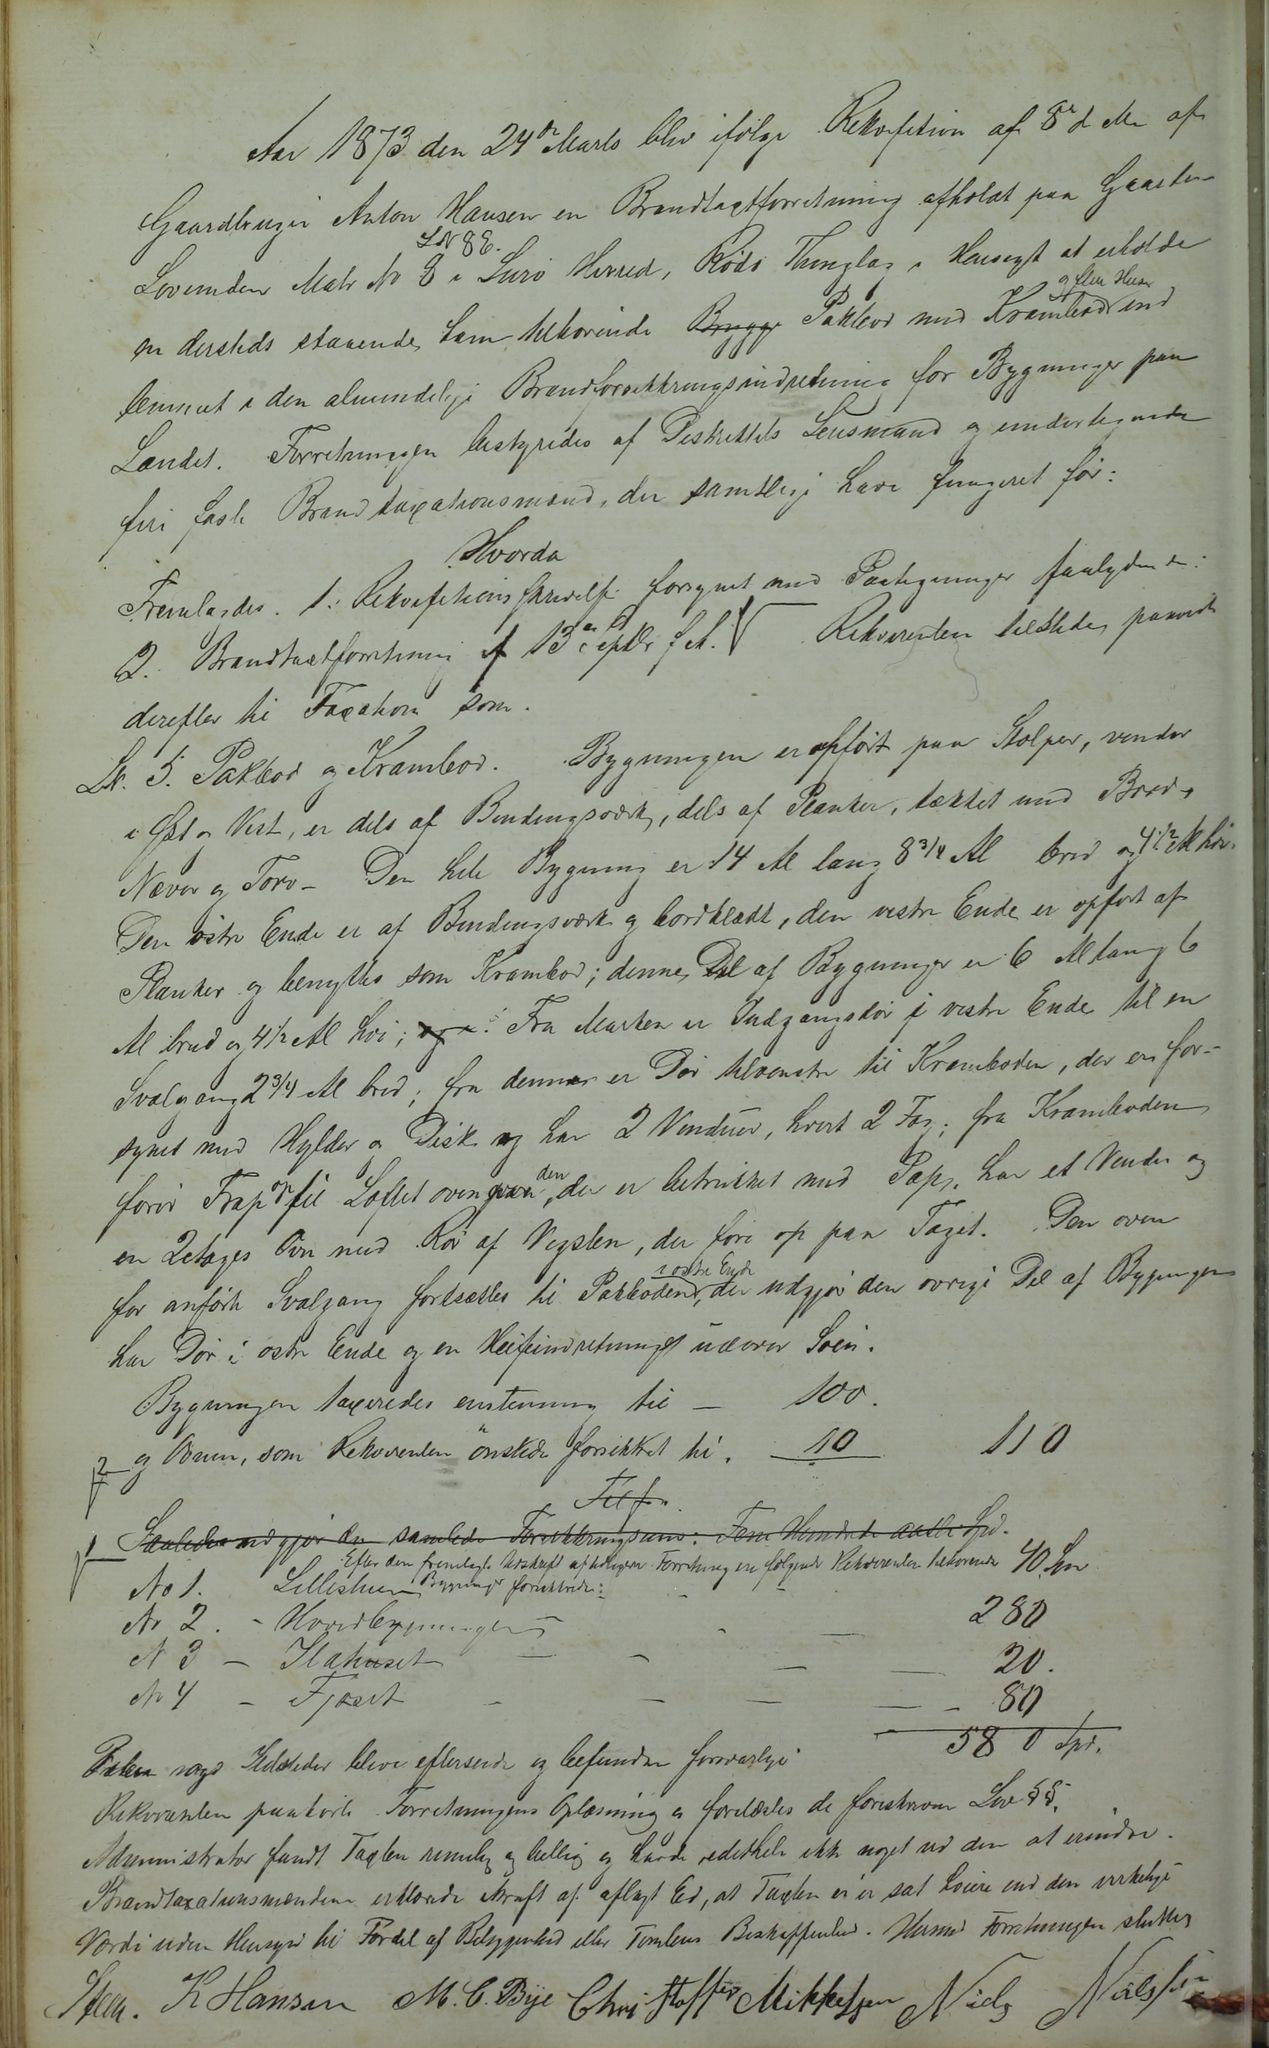 AIN, Lurøy kommune. Formannskapet, 100/L0001: Møtebok, 1836-1898, s. 67b